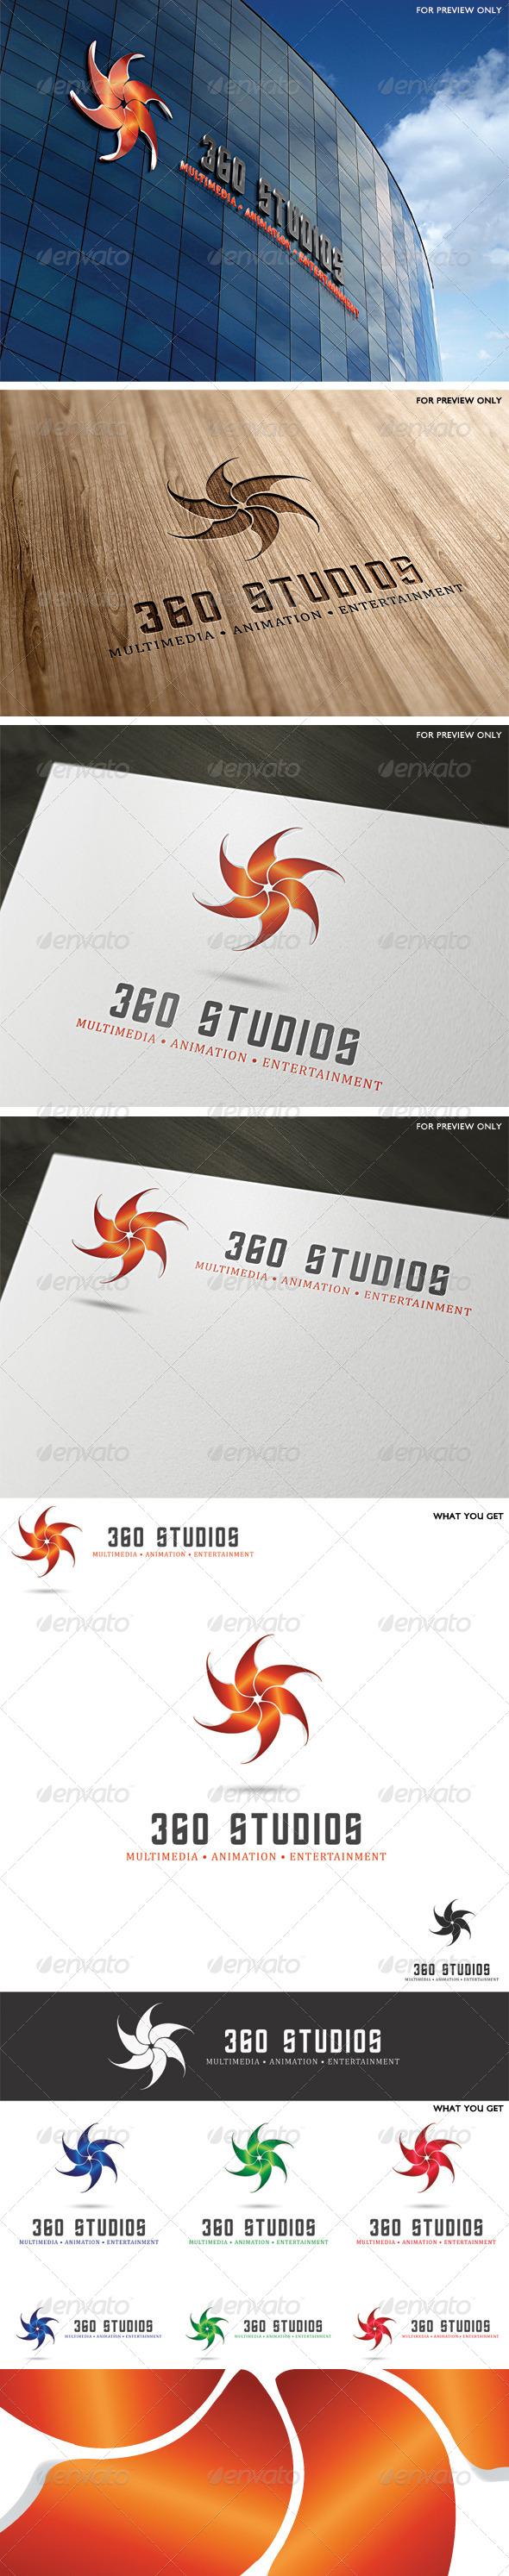 GraphicRiver 360 Studios Logo Template 4096252